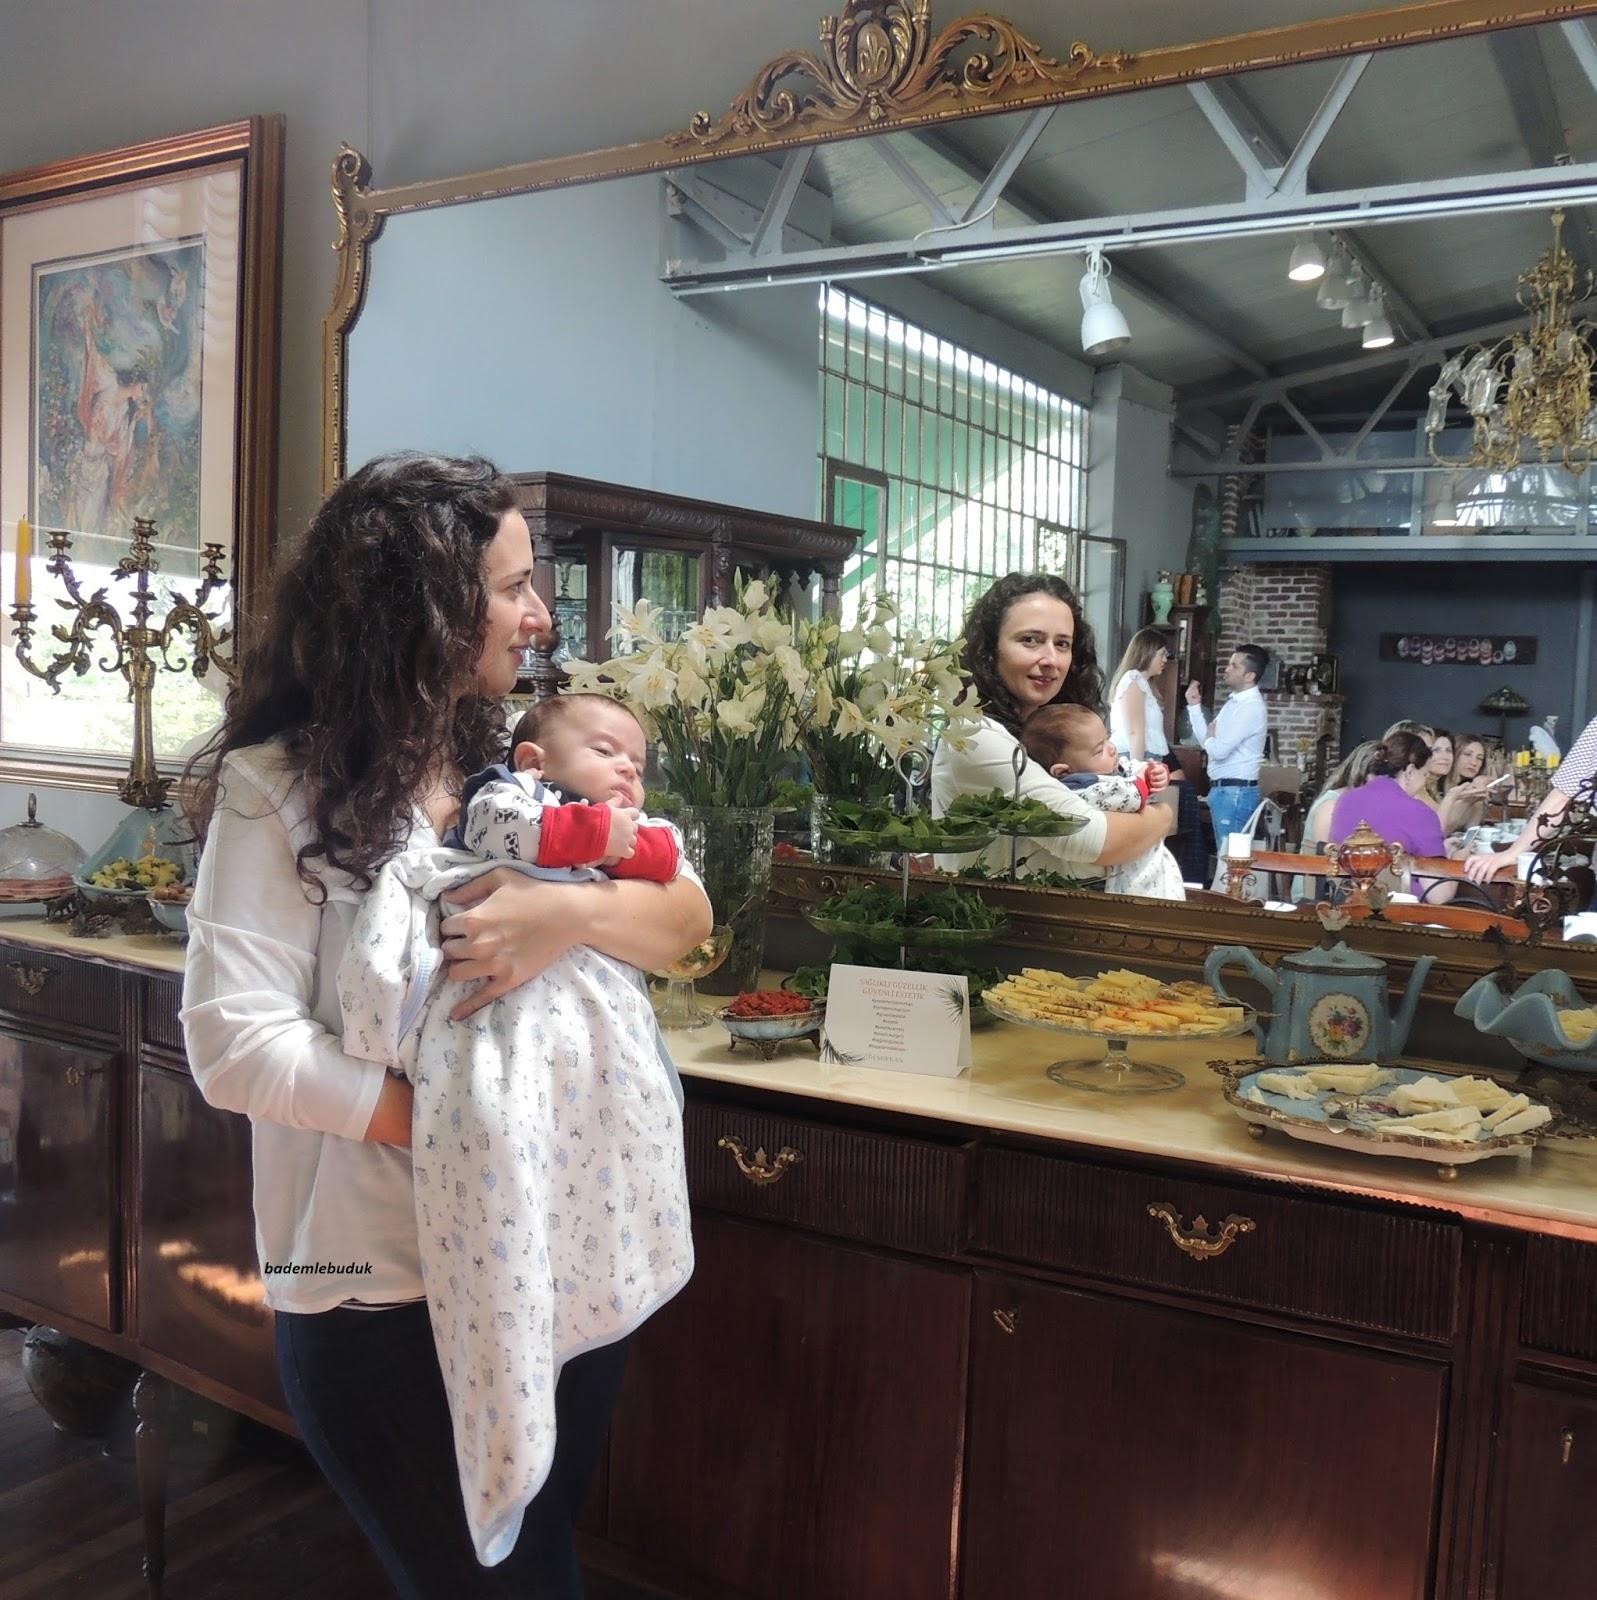 Eski Köy, restoran St. Petersburg: adres, menü, yorumlar